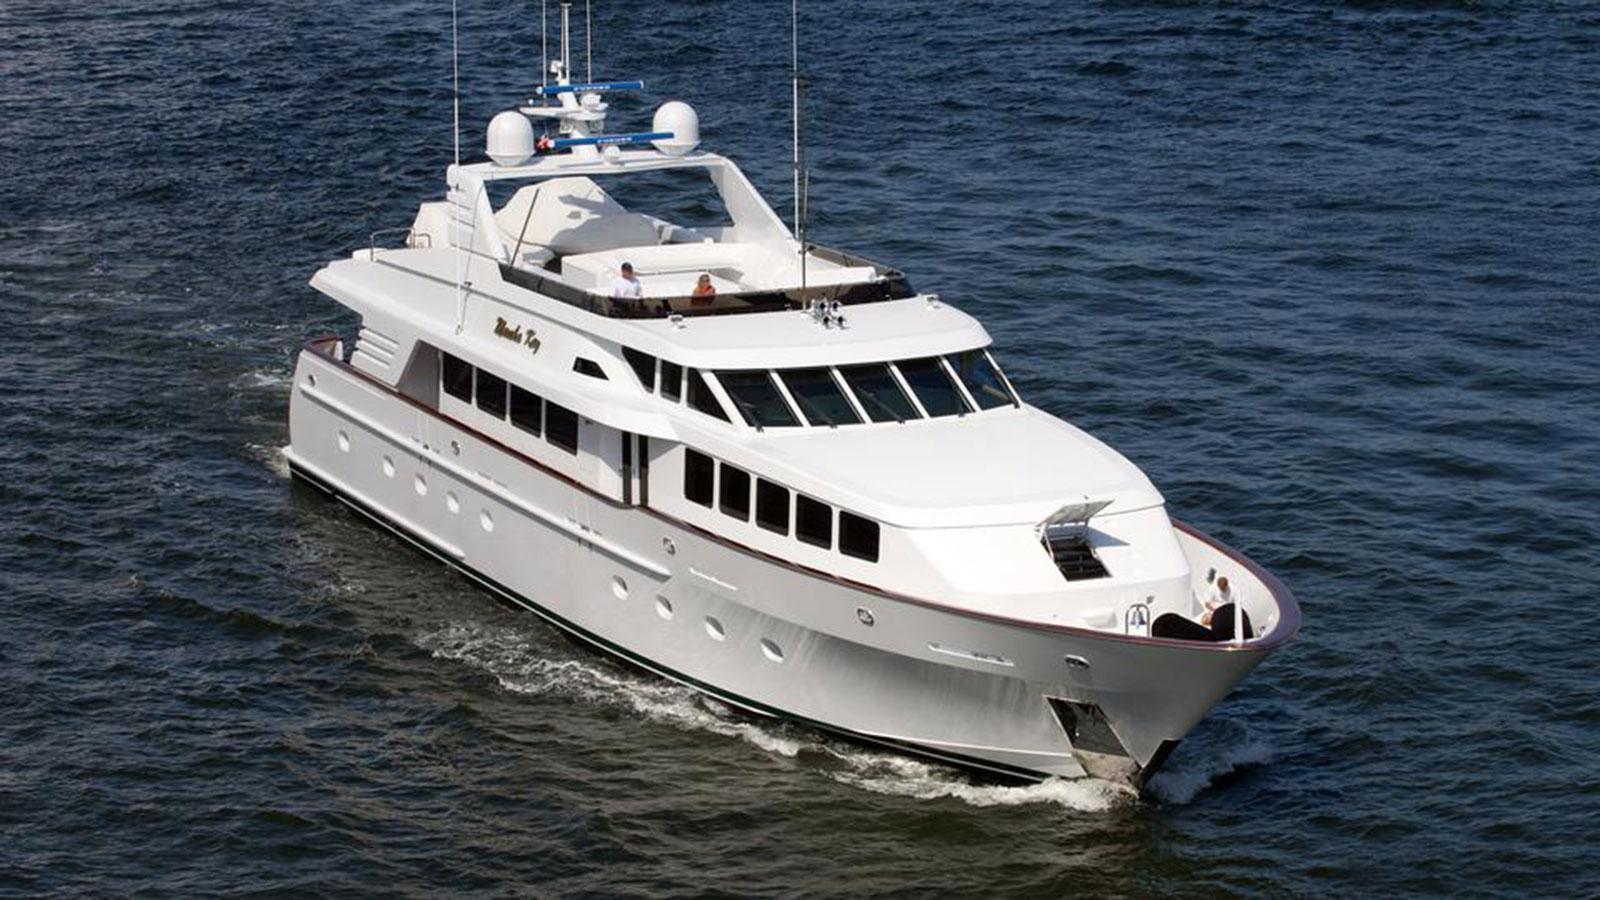 Super plastic boats RIF